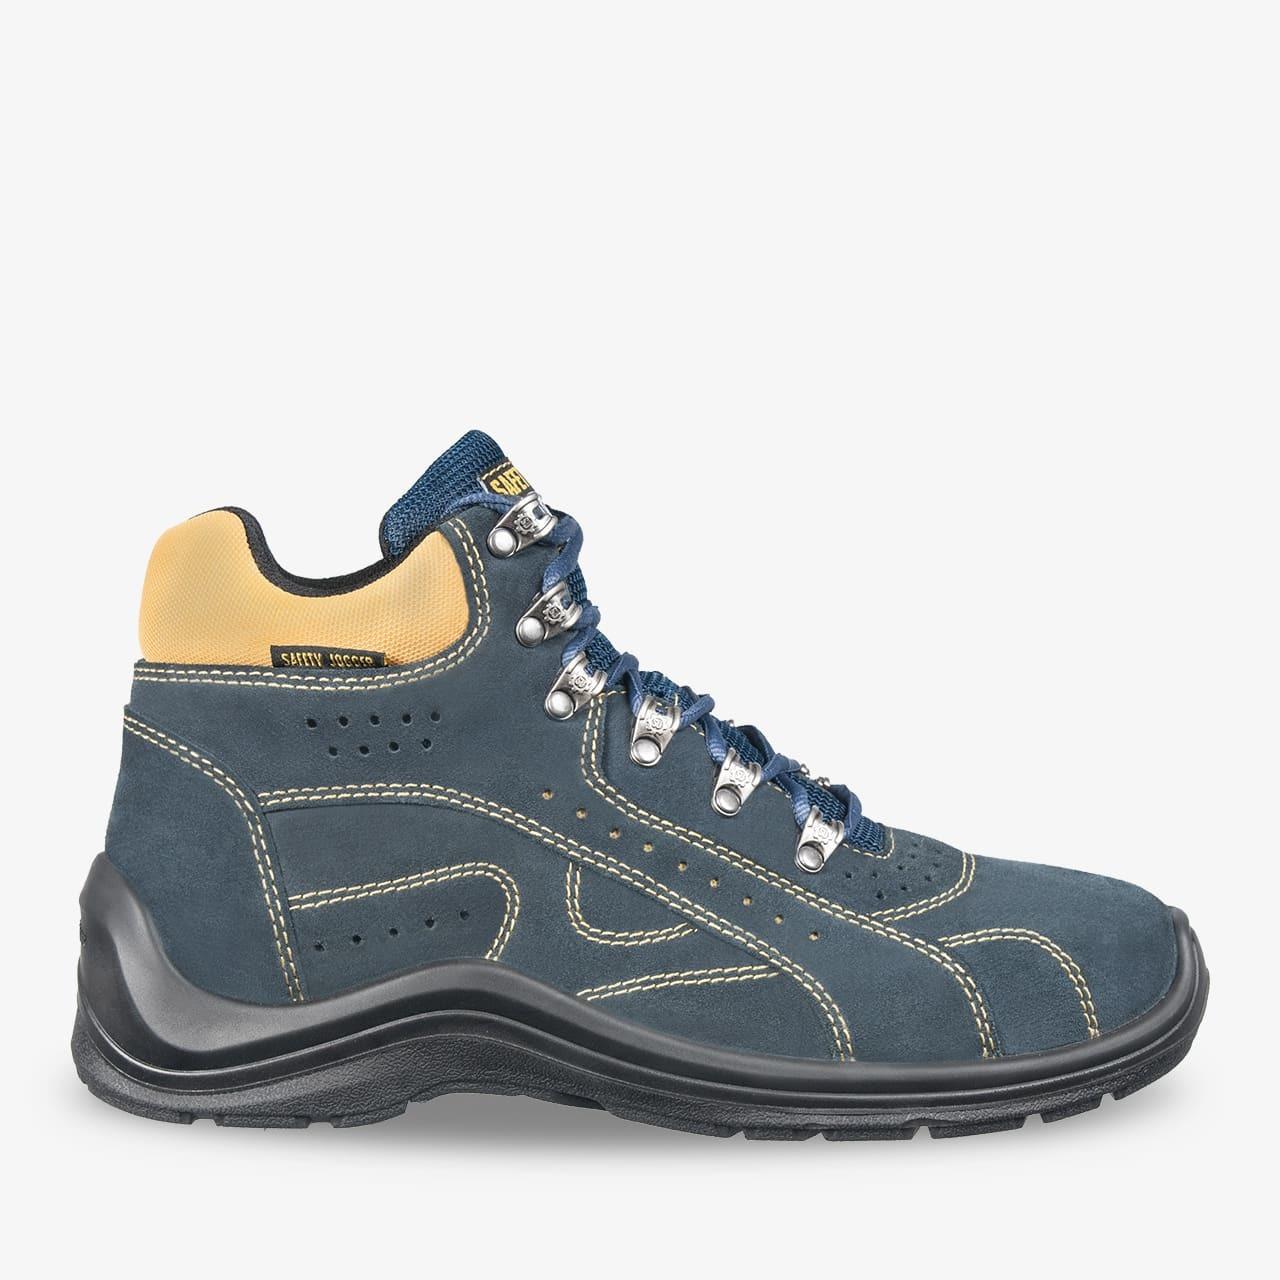 Chaussures de sécurité montantes à lacets ORION